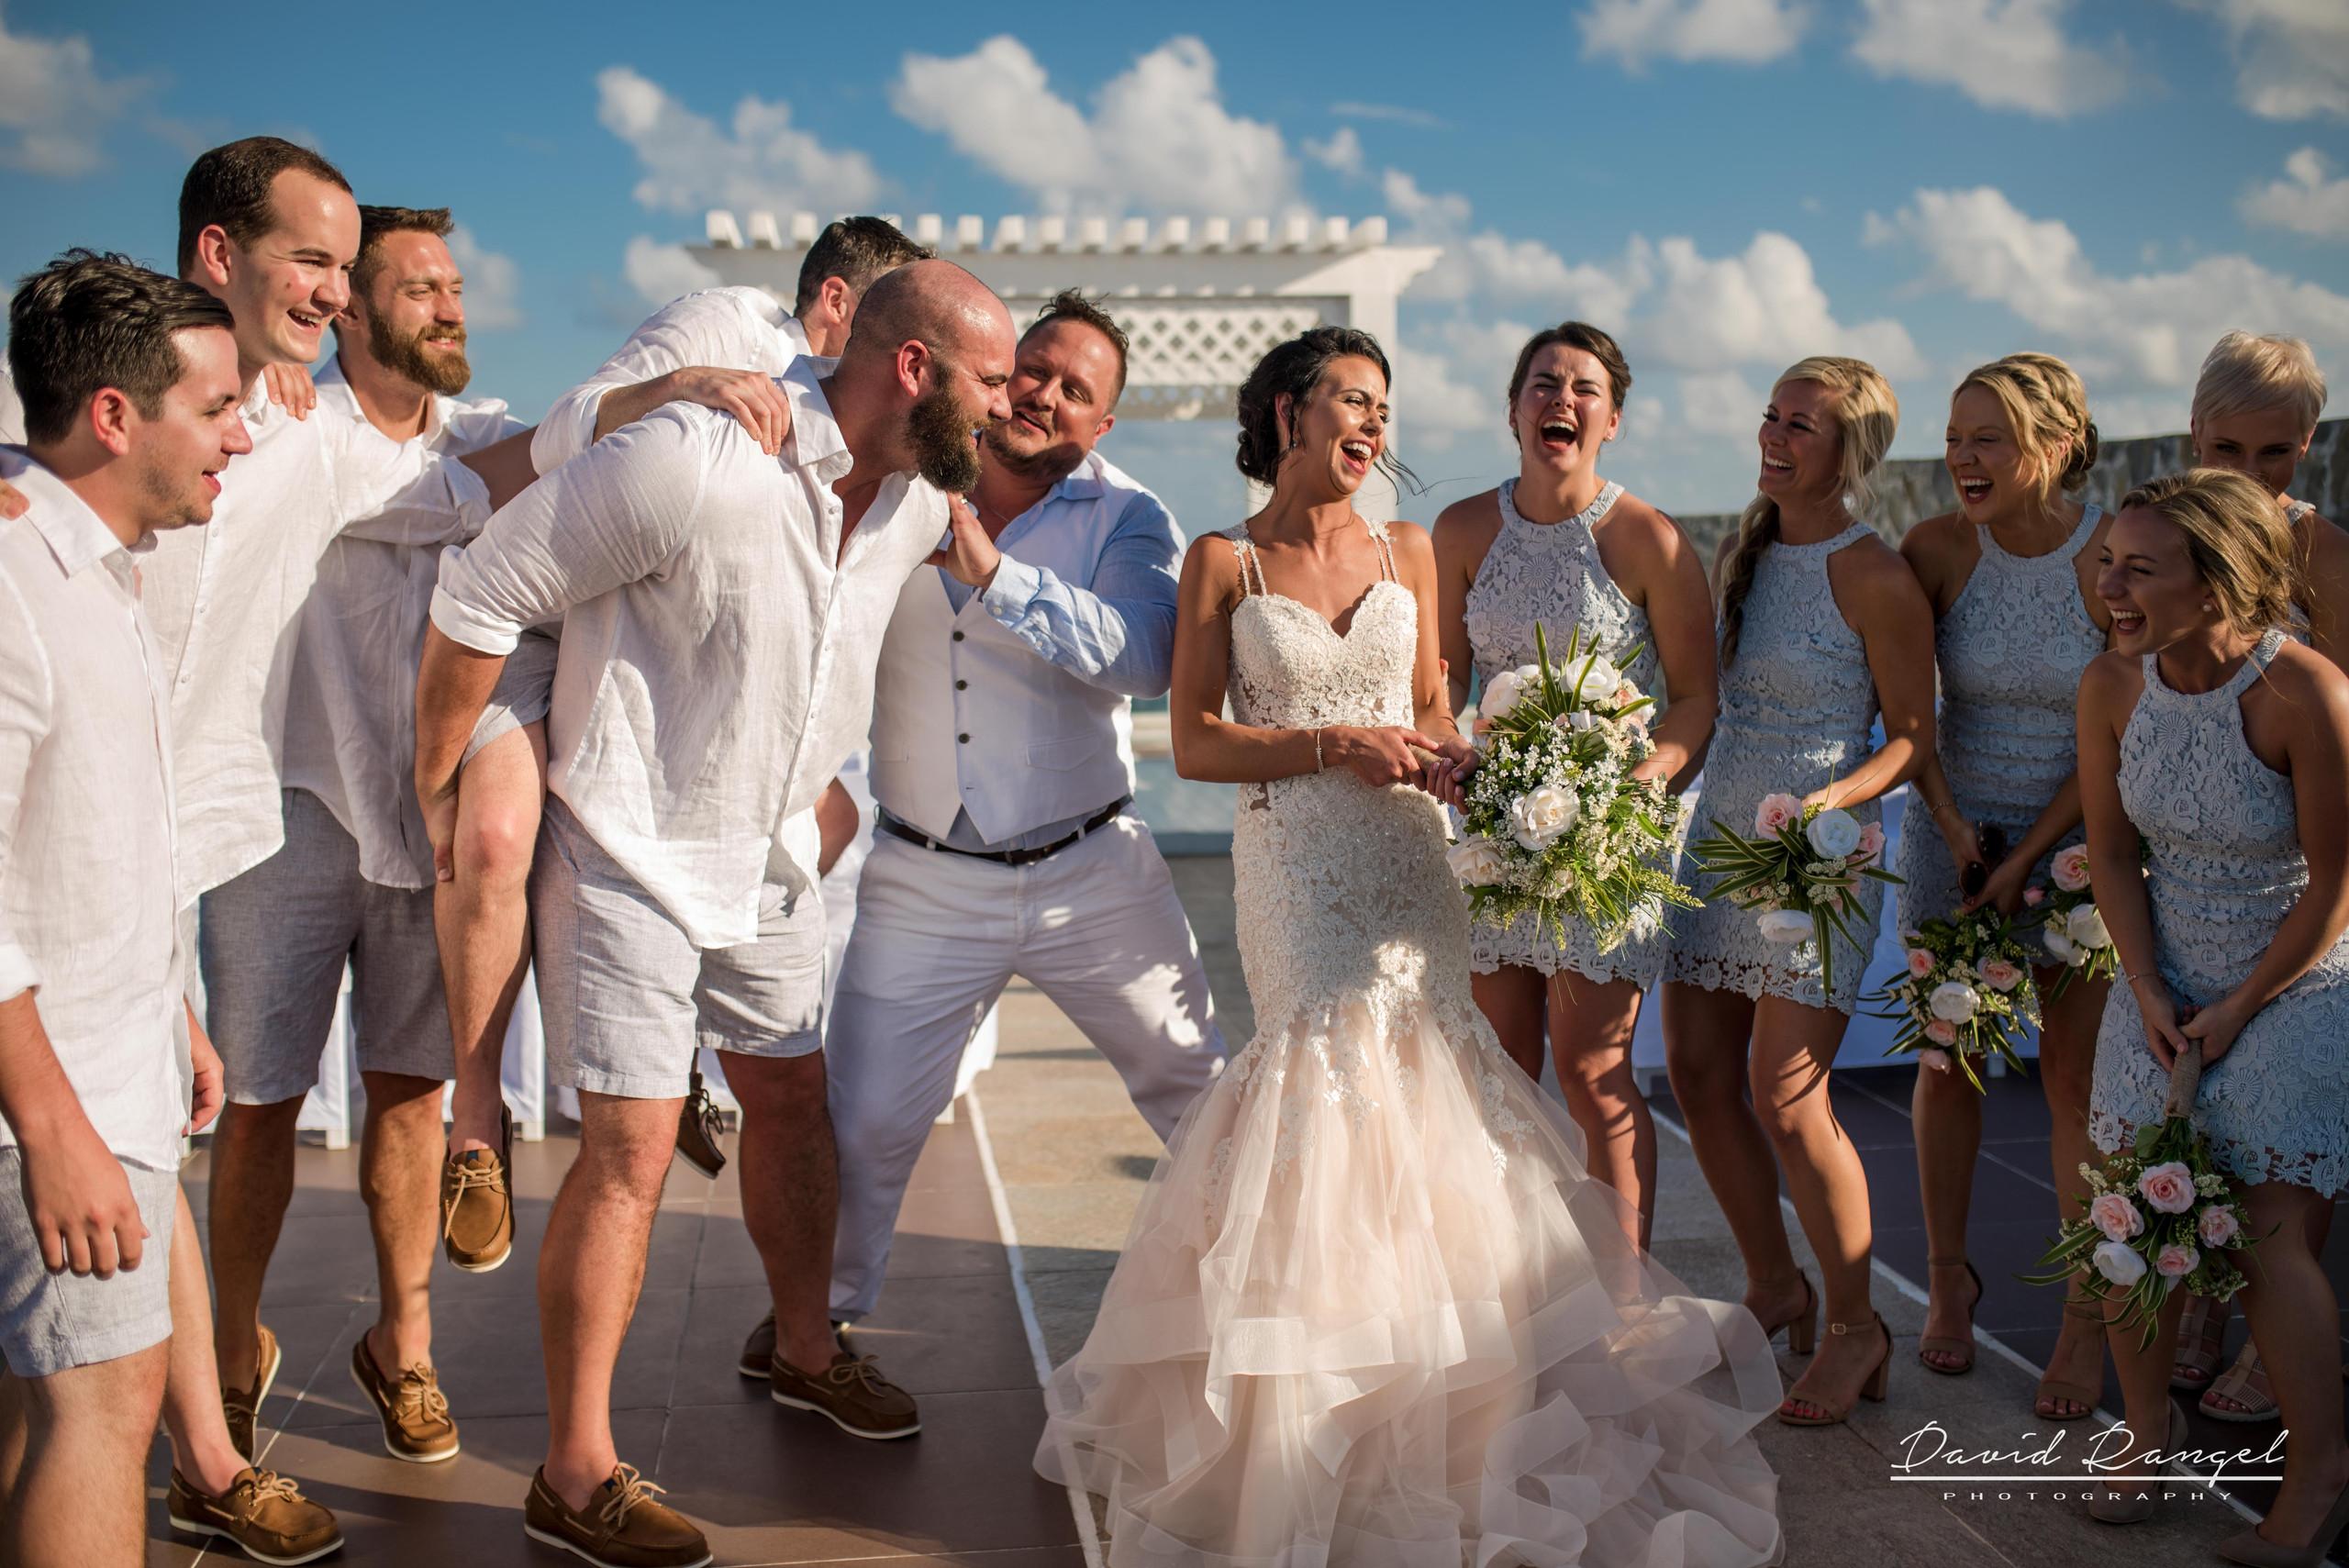 sky+deck+wedding+bridalparty+photo+bride+groom+gazebo+bridesmaids+groomsmen+bouquet+funny+happy